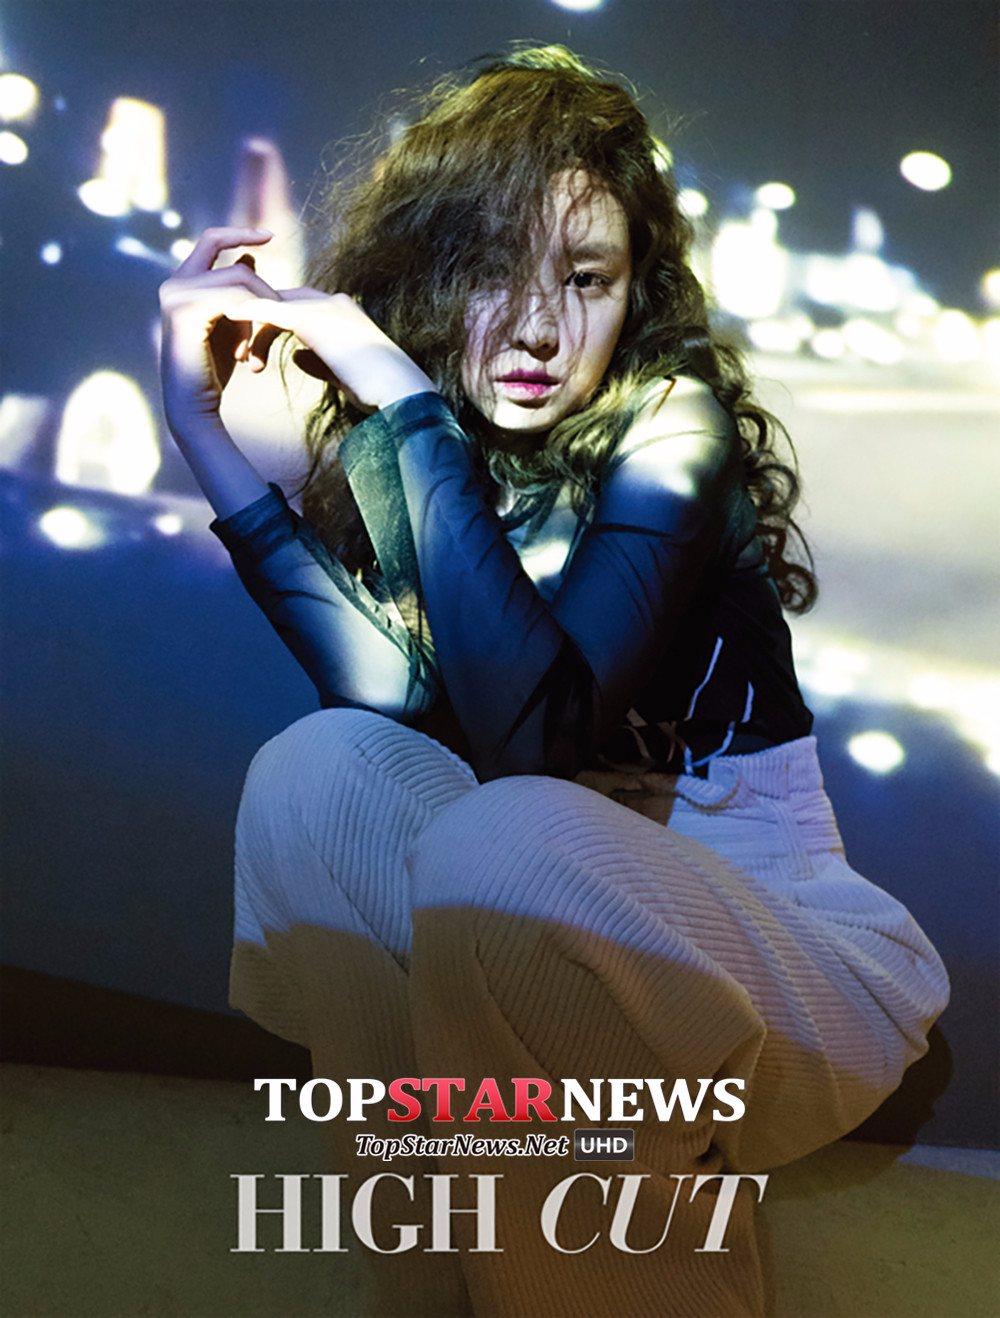 娜恩在4日為韓國雜誌拍畫報時,在談到自己此次出演角色的感受時,對於劇中角色複雜的感情線,娜恩坦言很擔心自己的演技,就算不是在拍攝現場也會感到有壓力。